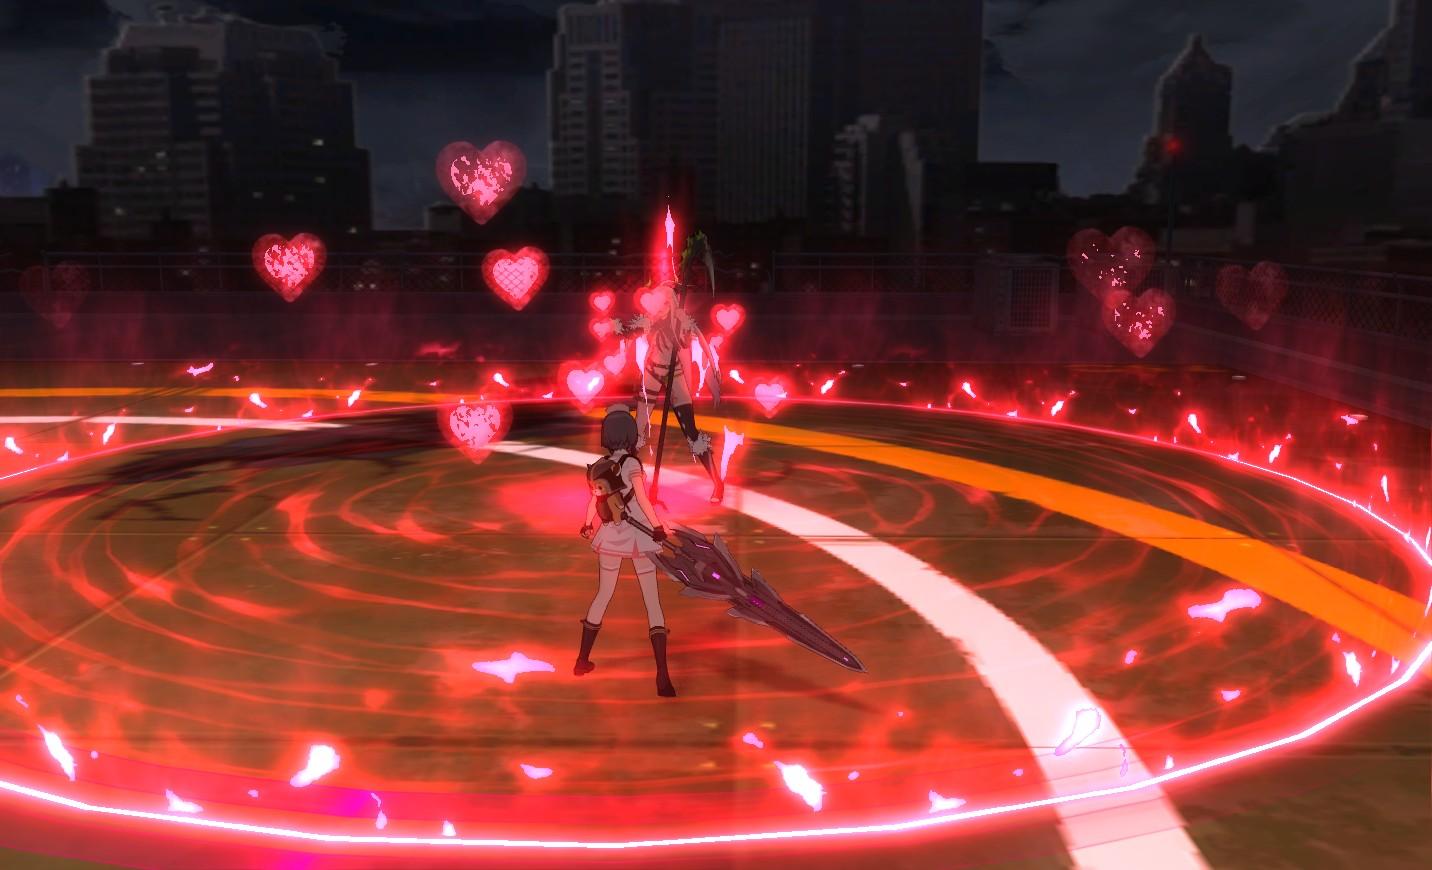 ★「毒魔」大絕招是「毒魔的魅惑」,會迷住玩家然後施放廣範圍的毒刺傷害玩家,造成嚴重損傷